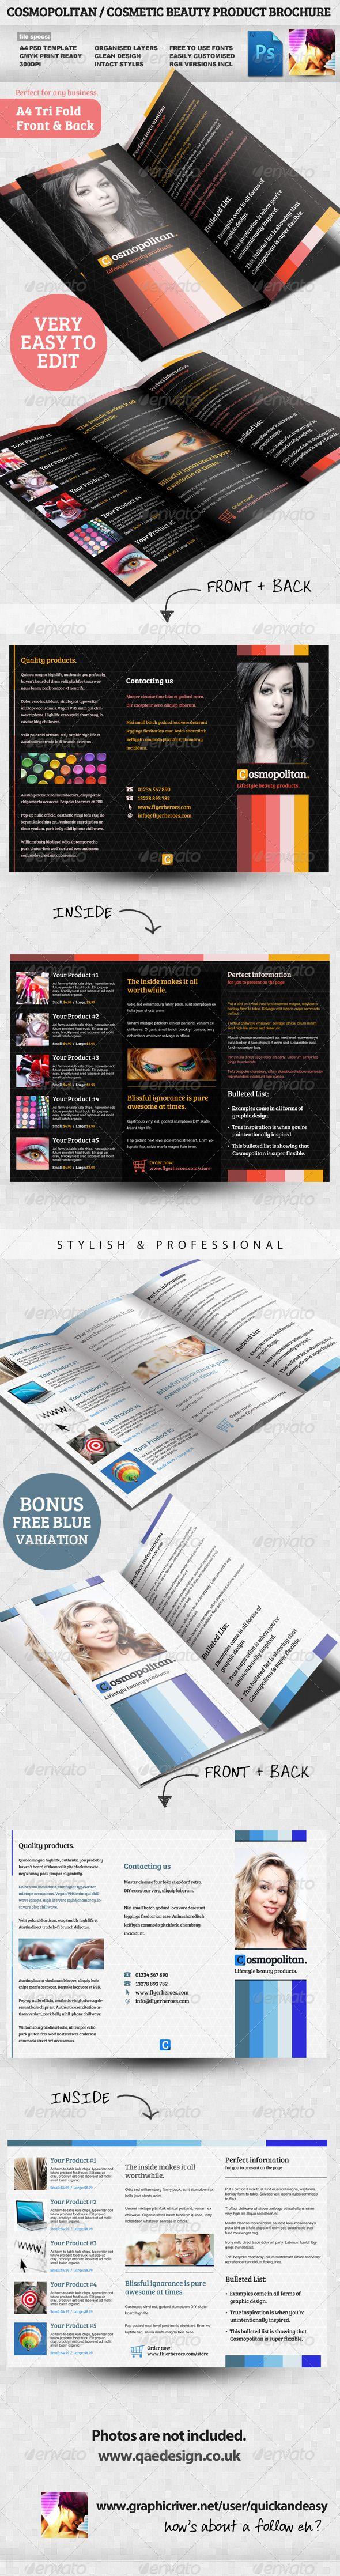 les 25 meilleures id es de la cat gorie logo d 39 entreprise btp sur pinterest create icon online. Black Bedroom Furniture Sets. Home Design Ideas